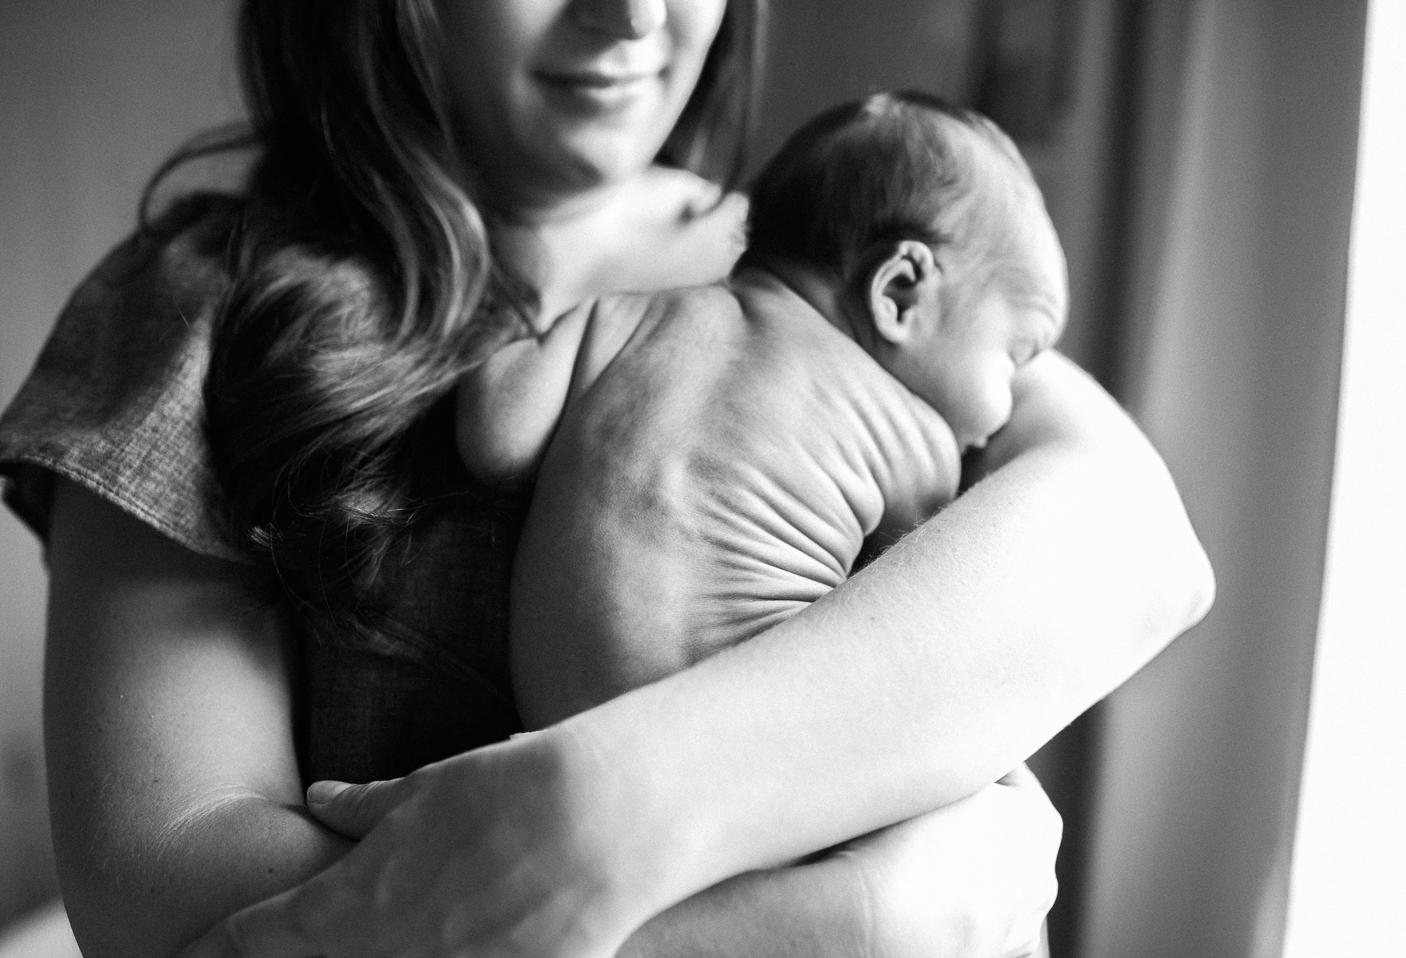 baltimore-harford county-maryland-newborn-lifestyle-family-photographer-photos by-breanna kuhlmann-19.jpg